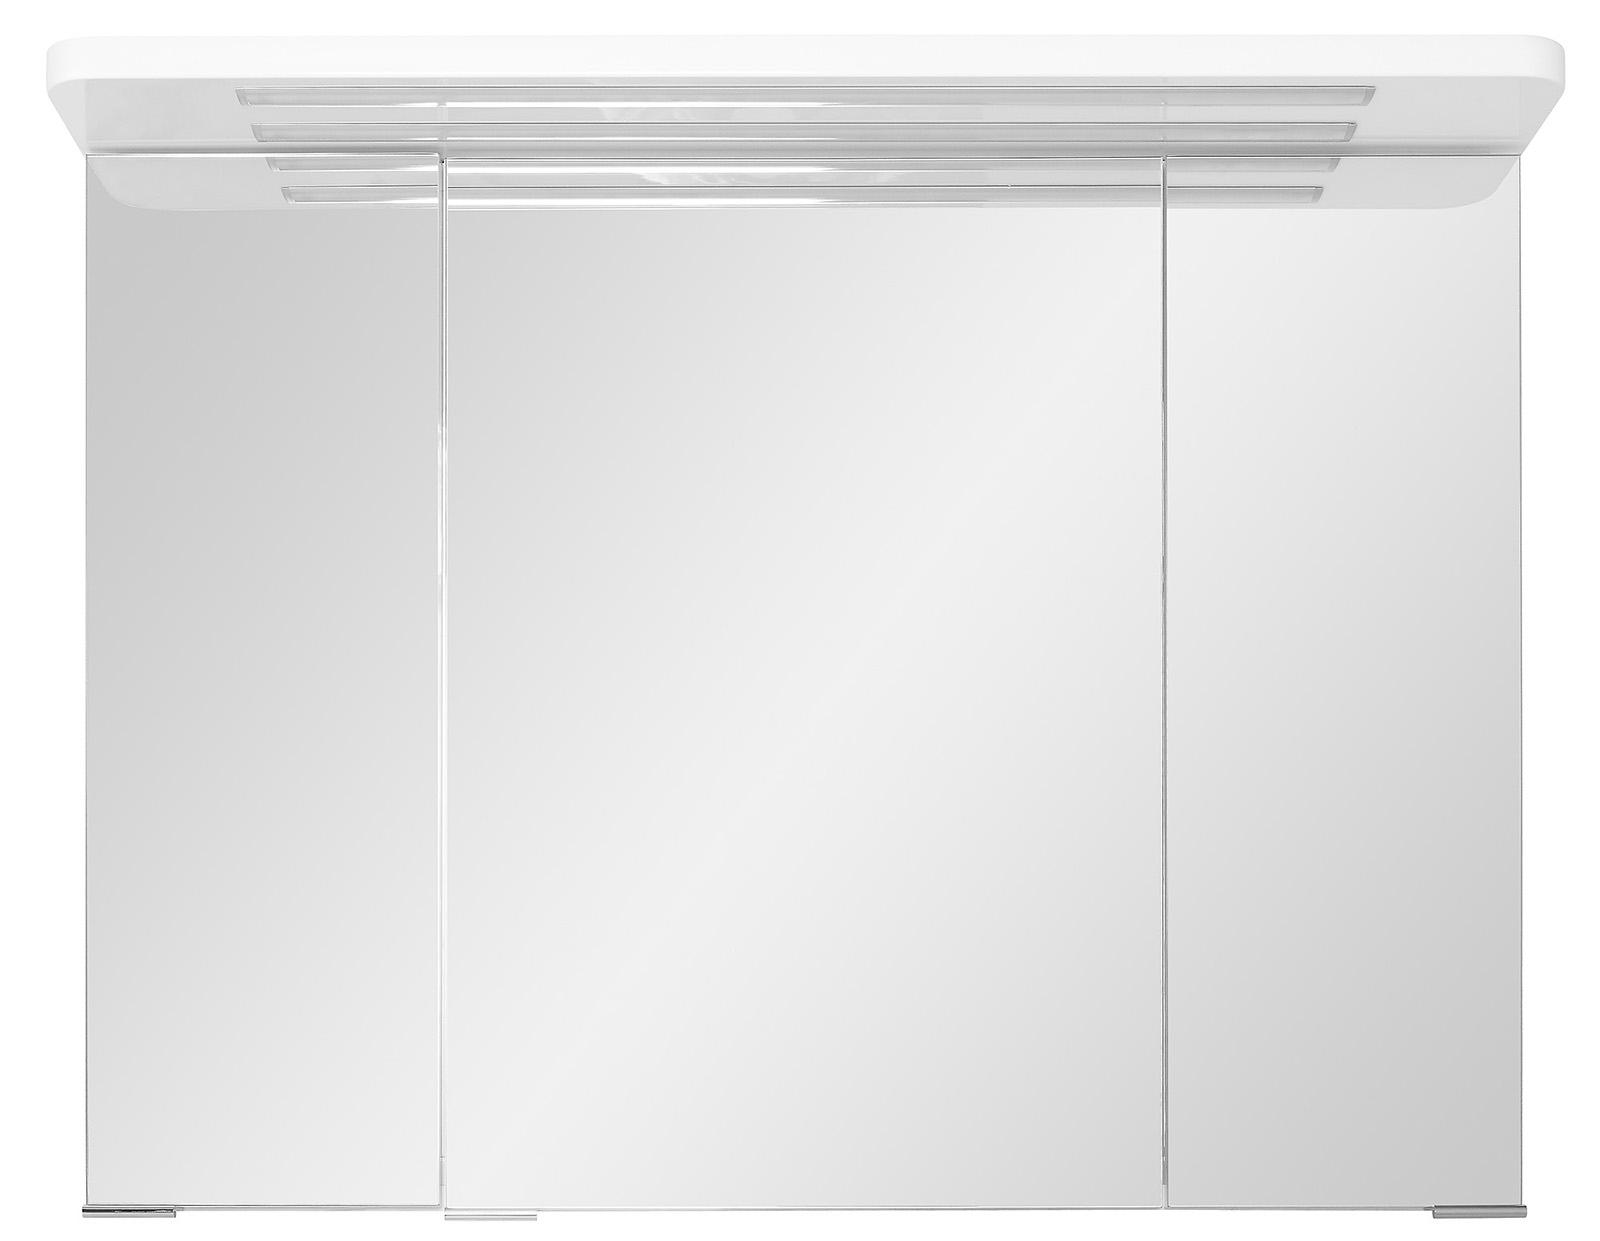 spiegelschrank grete inkl led badezimmerspiegel spiegel. Black Bedroom Furniture Sets. Home Design Ideas